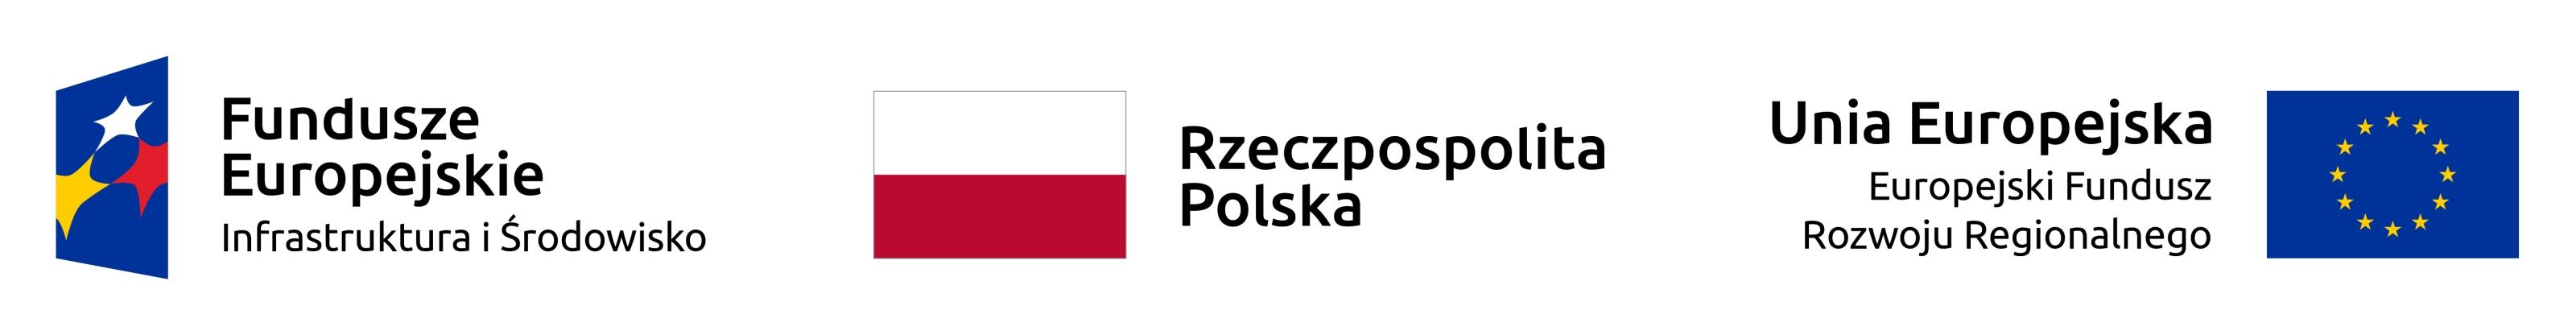 EU founded logo